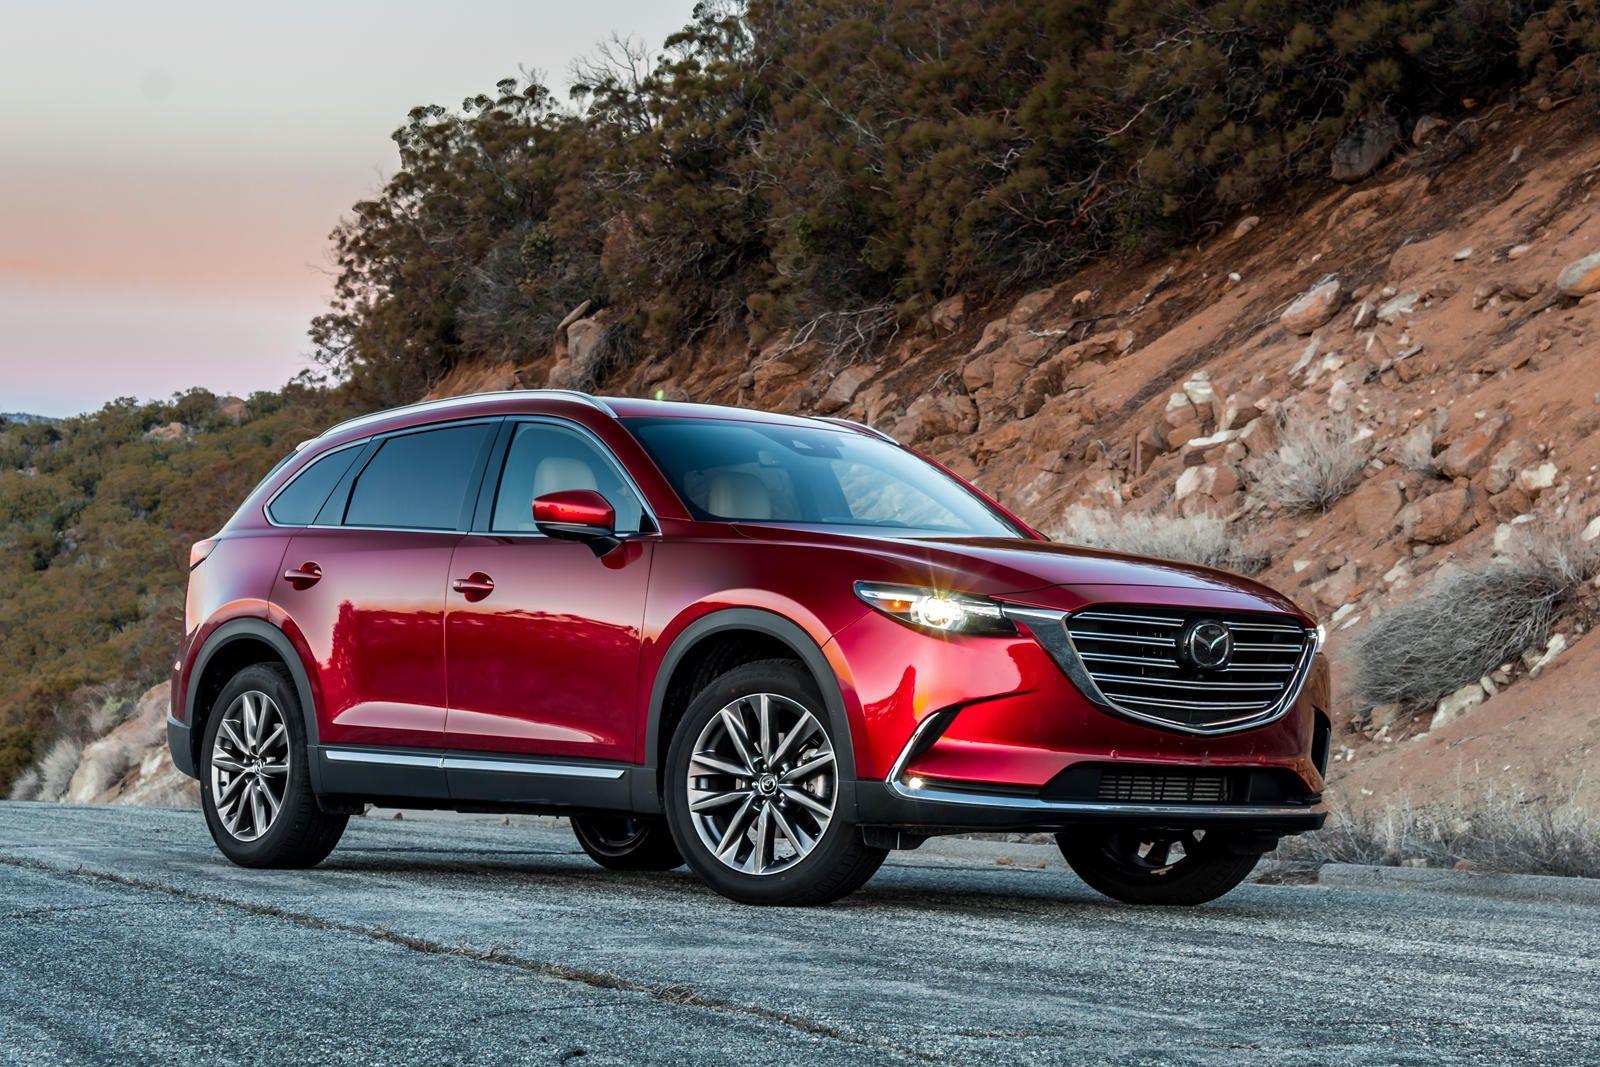 2020 Mazda Cx 9 Test Drive Review A Breath Of Fresh Air In 2020 Mazda Cx 9 Mazda Honda Pilot